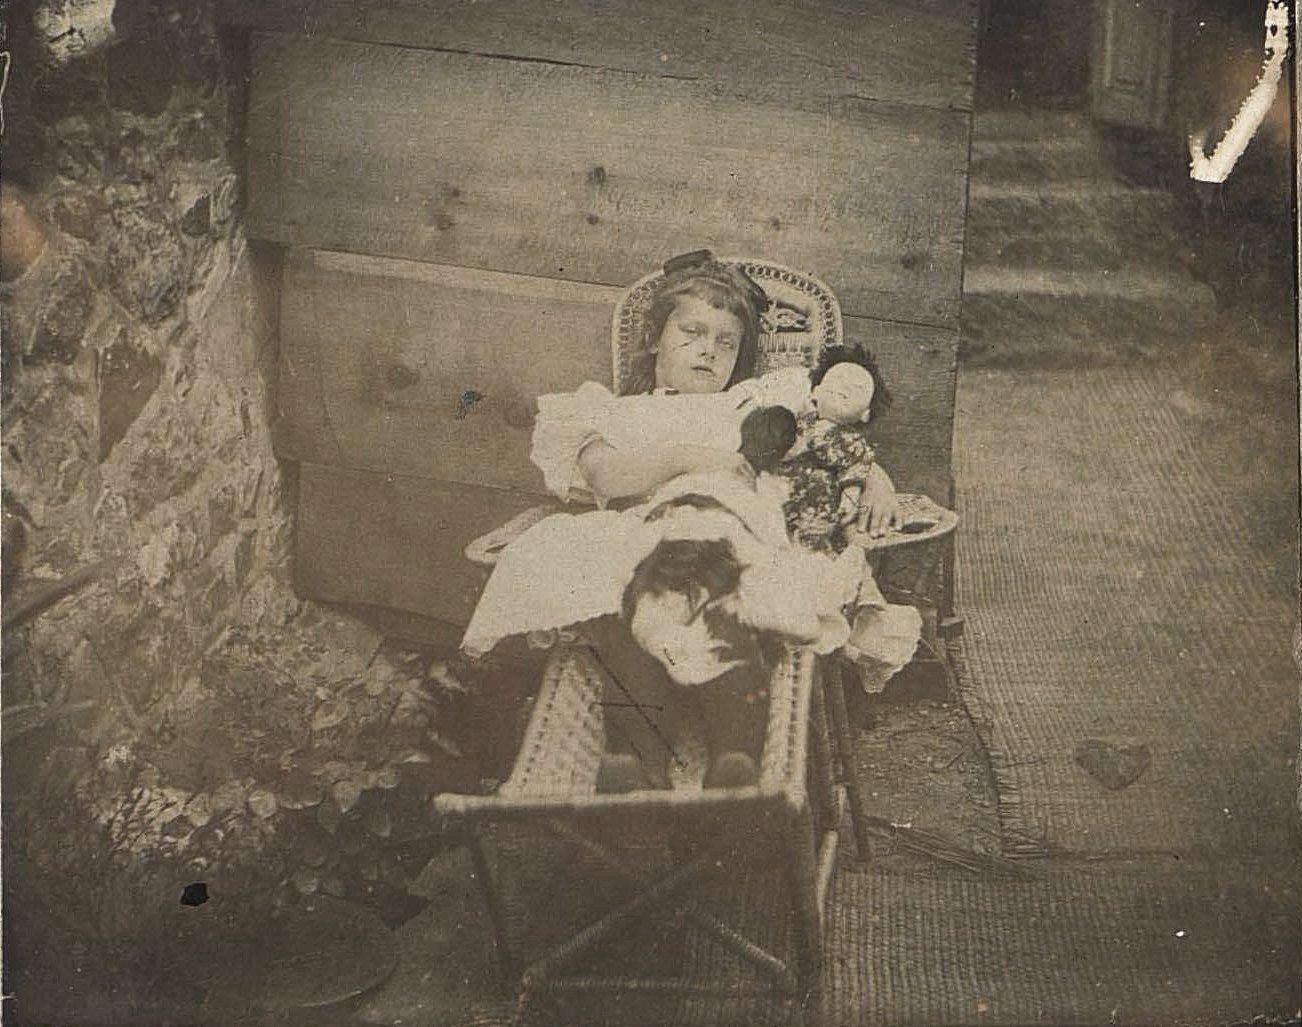 1897-1900. Крейсер «Владимир Мономах» в Юго-Восточной Азии. Часть 3